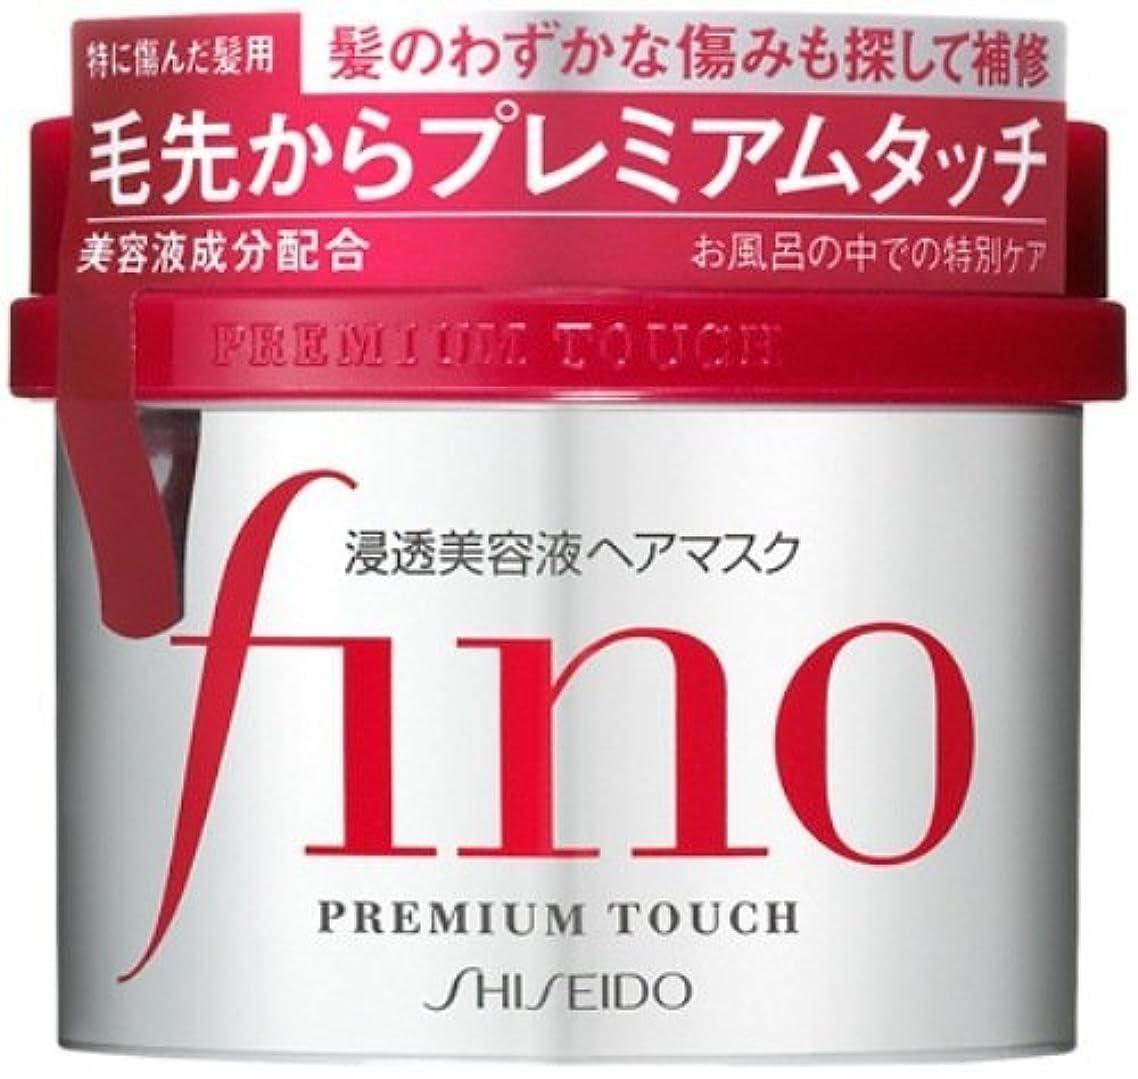 神経衰弱クリープ矢印フィーノ浸透美容液ヘアマスク230G × 10個セット